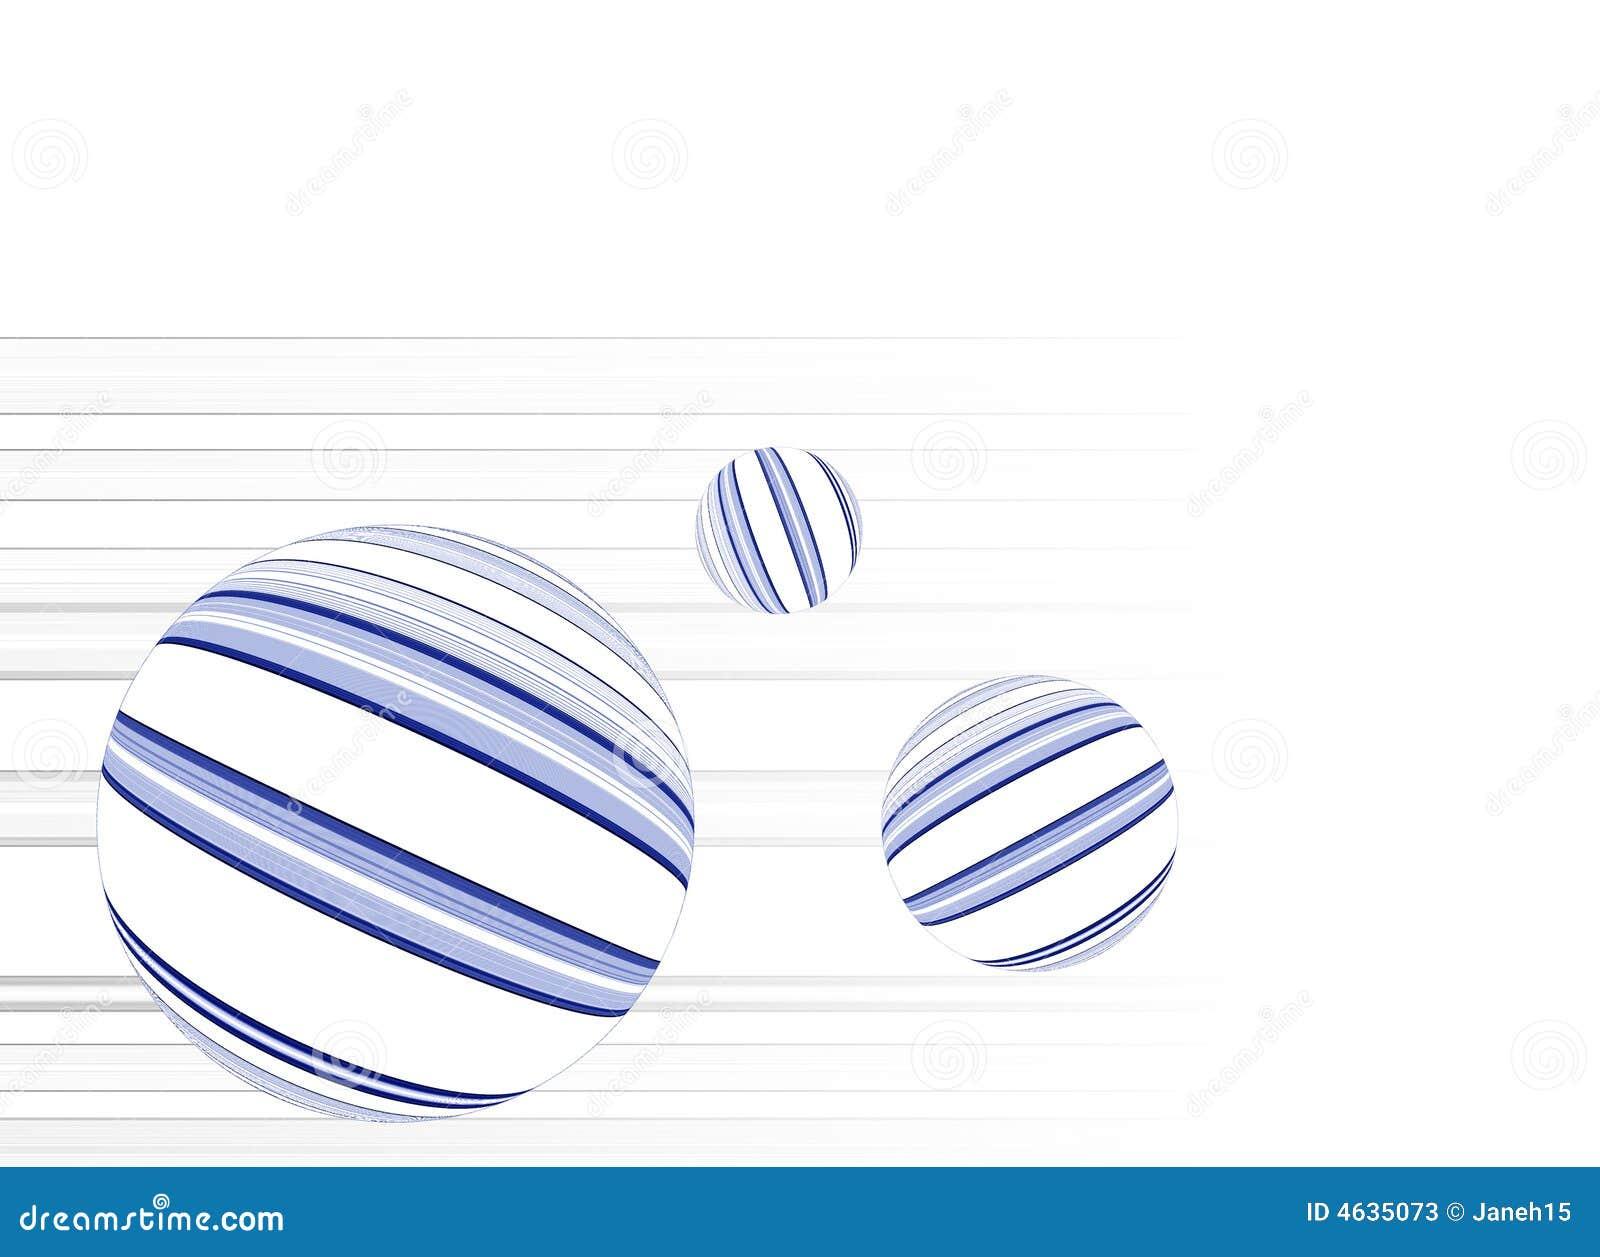 Formas da esfera com linhas